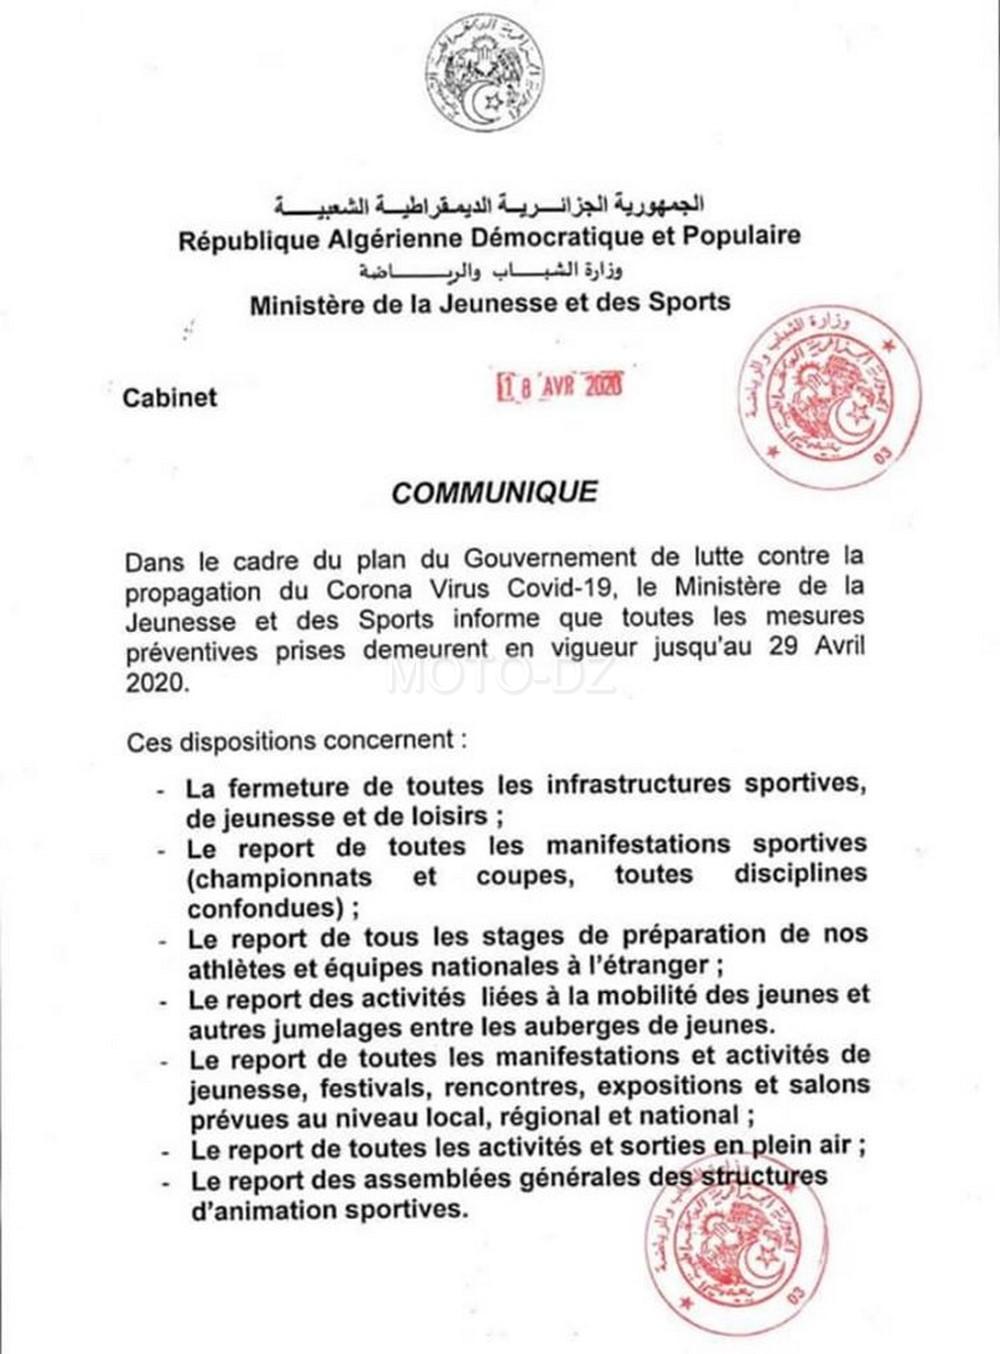 FASM : Communiqué du Ministère de la Jeunesse et des Sports - Conséquences du Covid-19